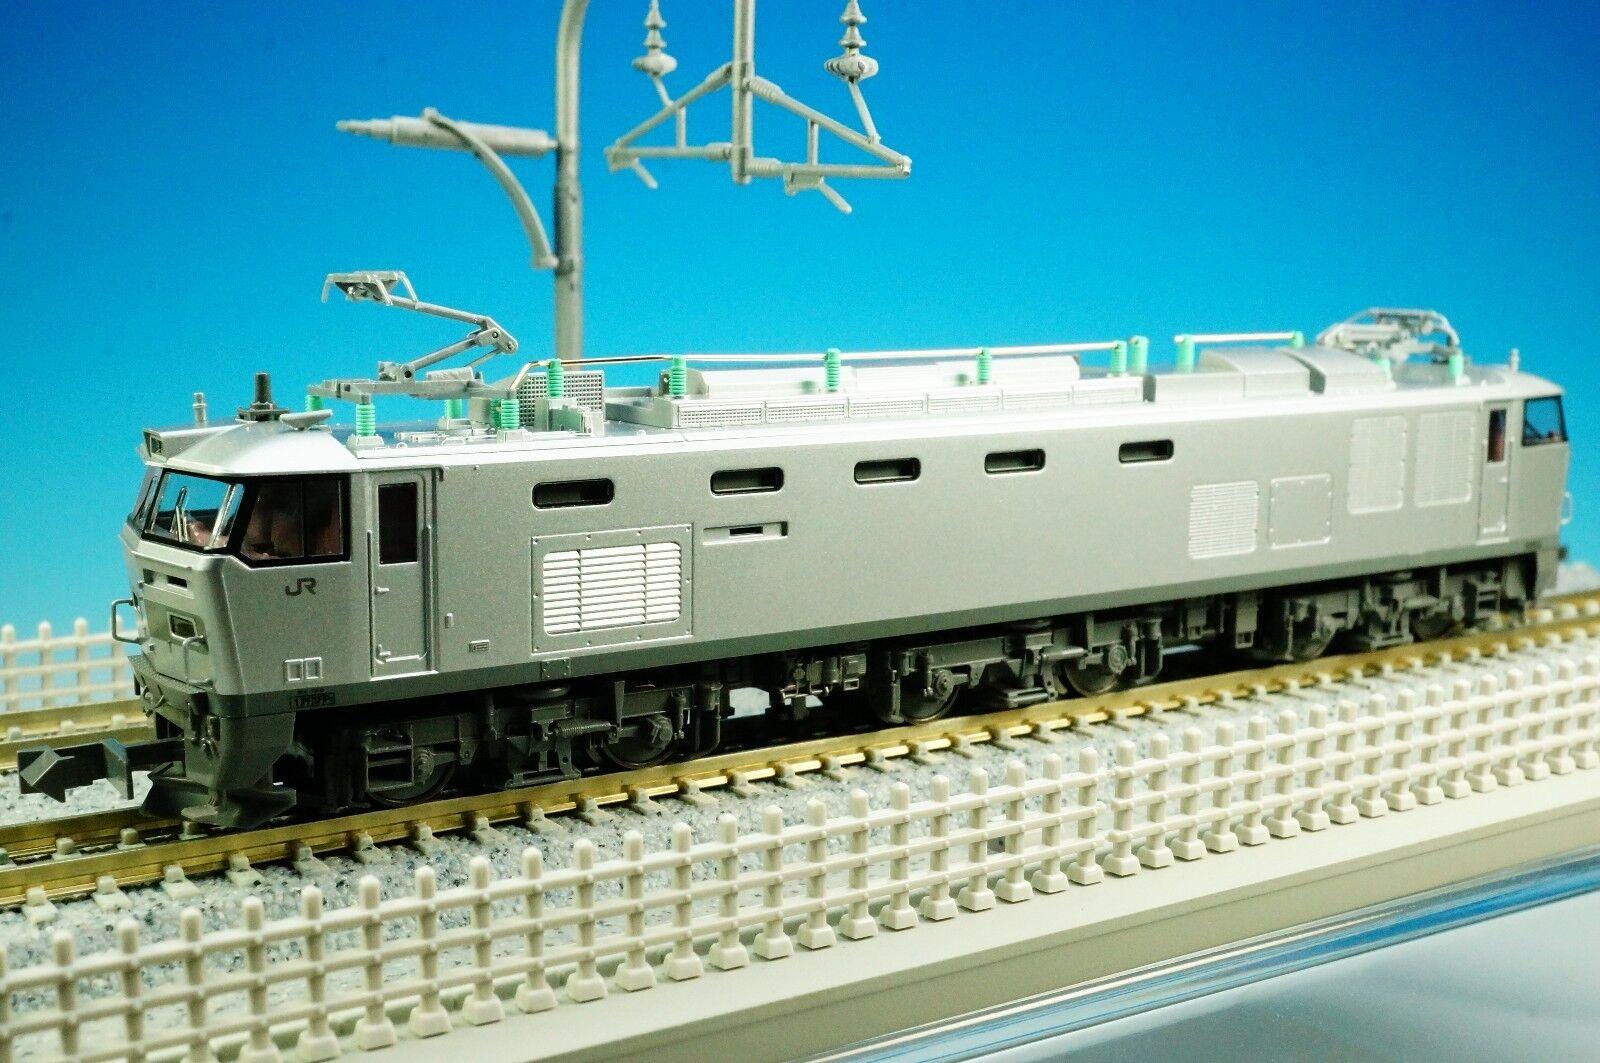 Kato 3065-5 Jr Mercancías Locomotora eléctrica EF510 500 Color plata (escala N)     nuevo